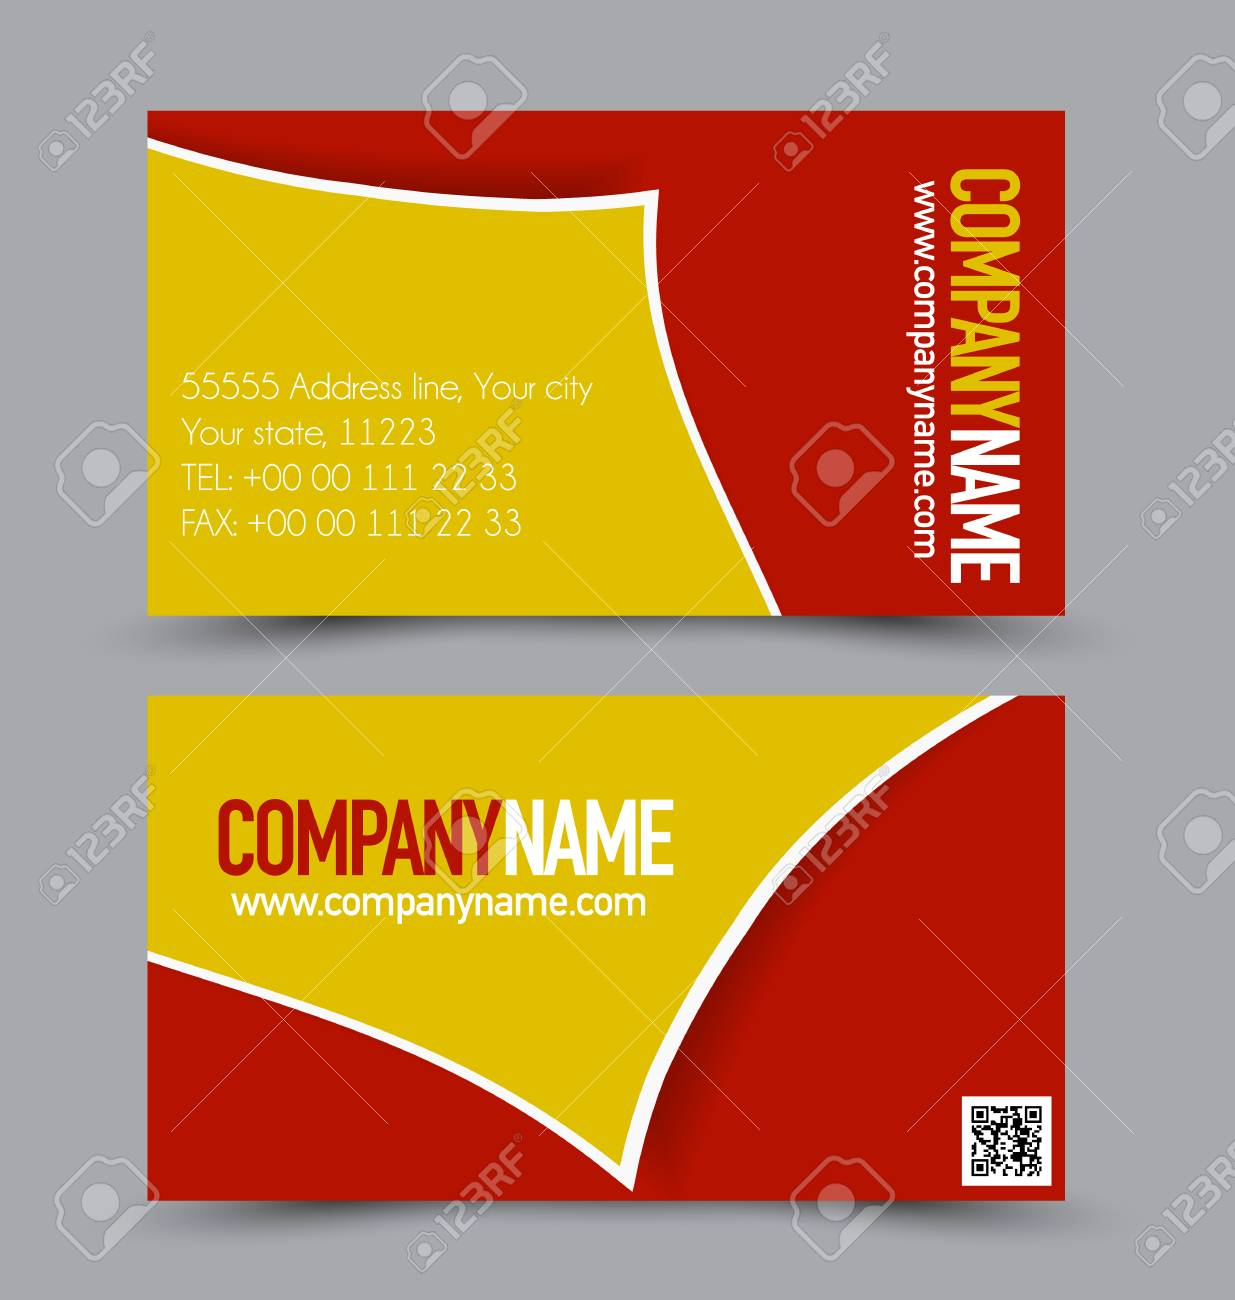 diseño de tarjeta de presentación de plantilla para el estilo